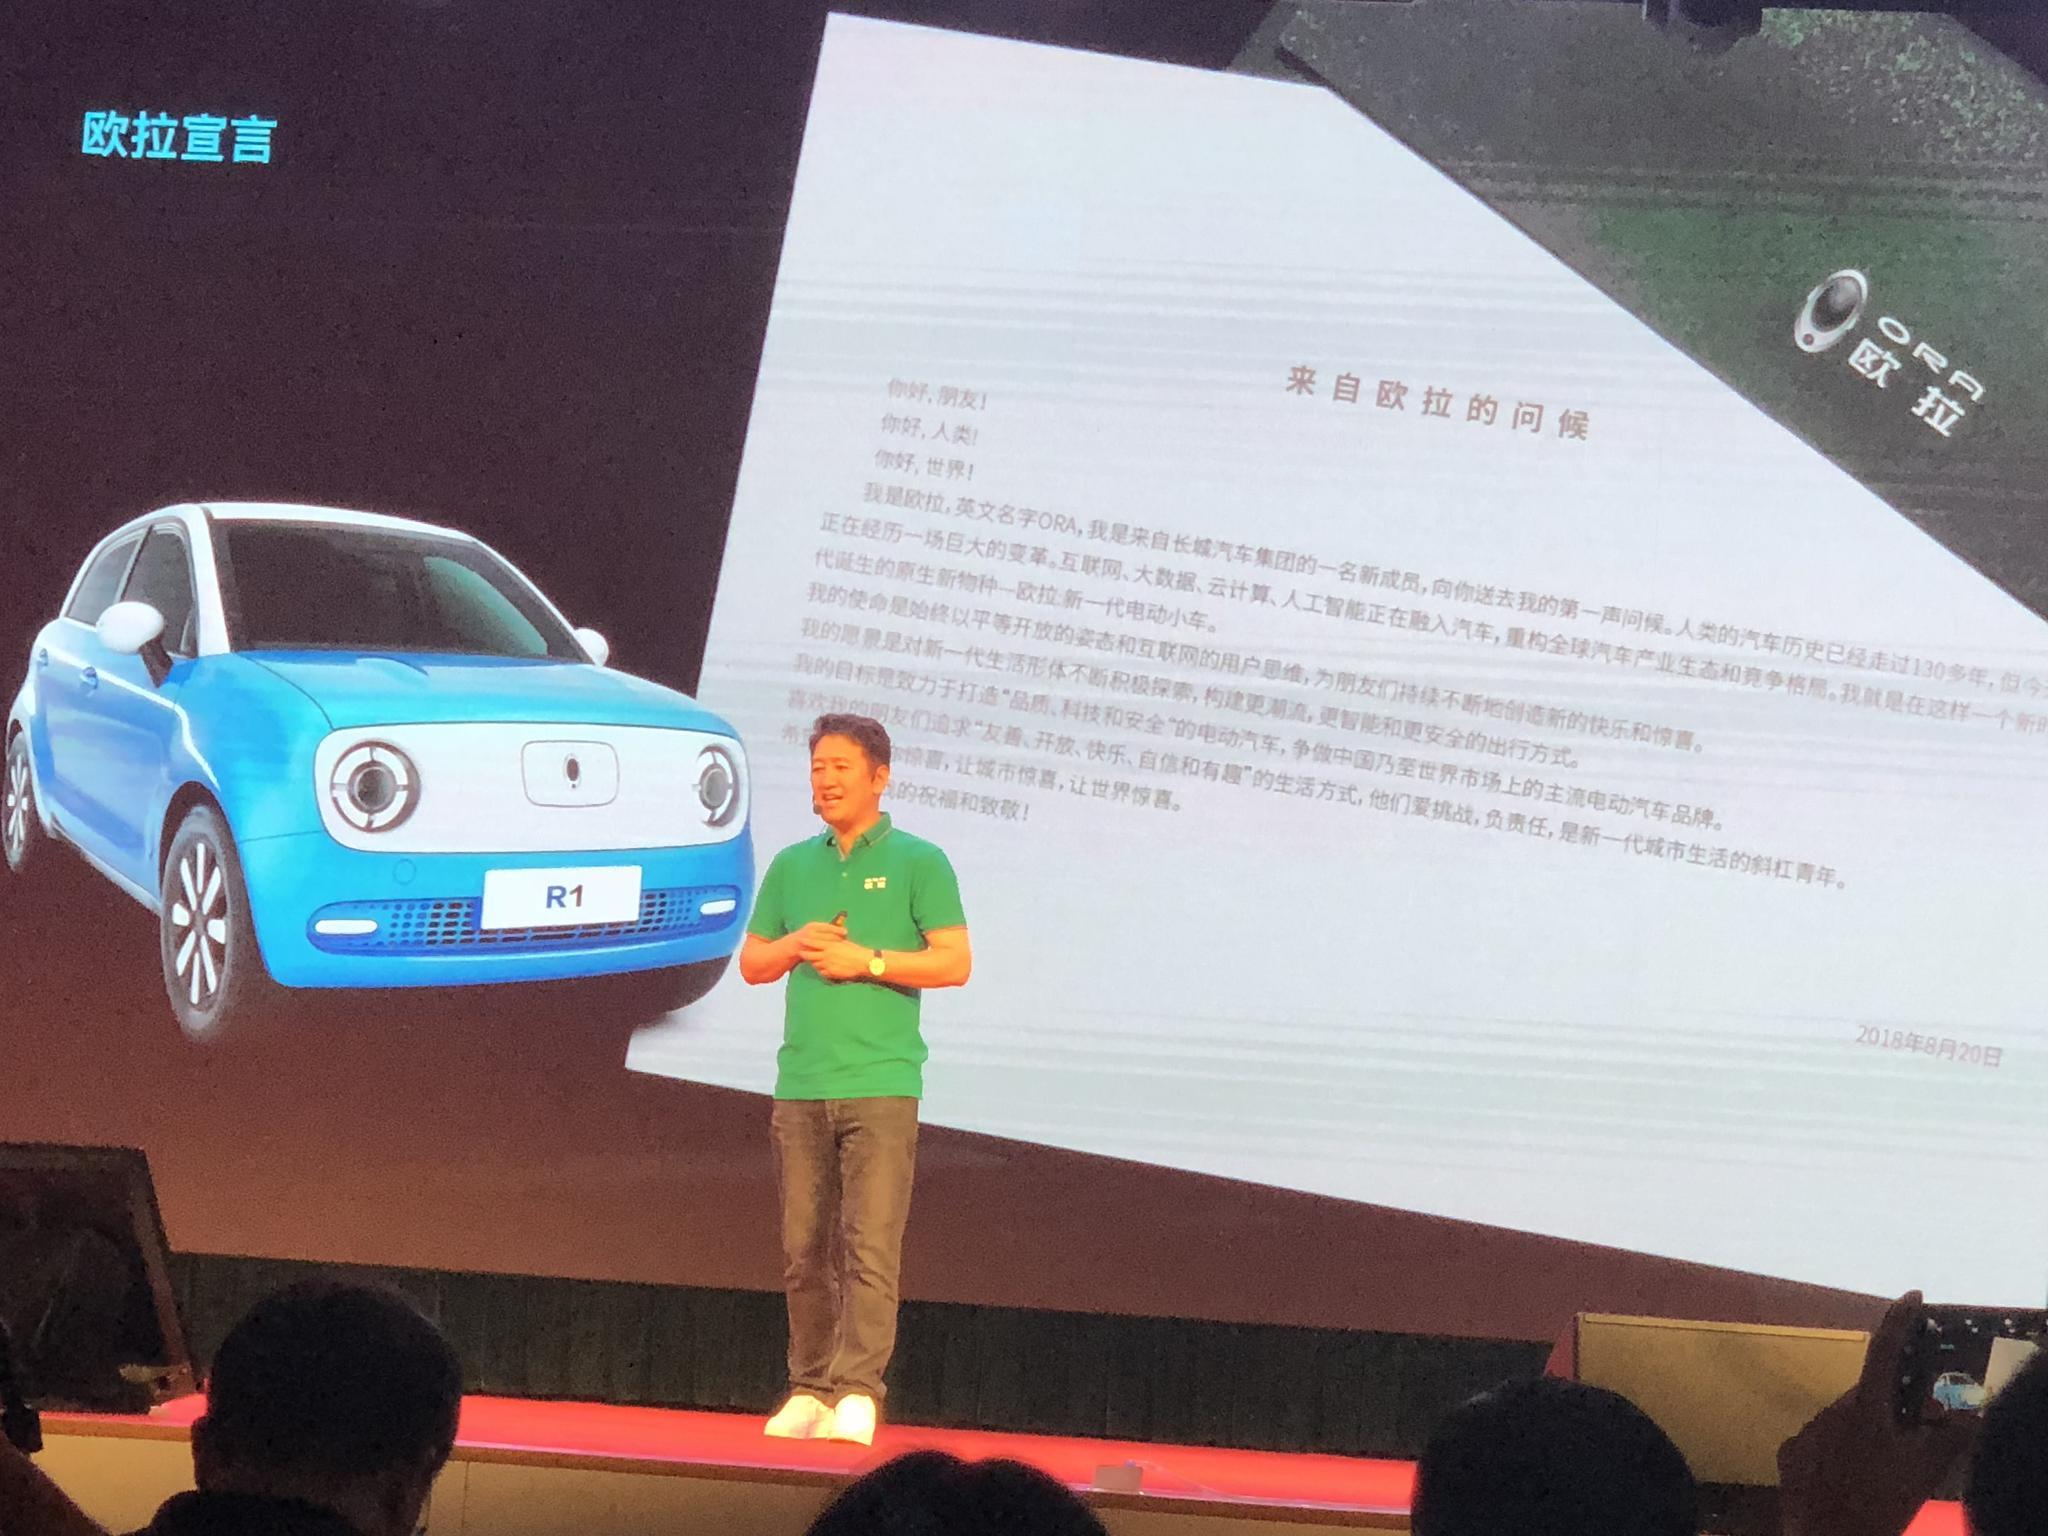 """欧拉品牌抢滩登陆 看""""电动小车""""如何撬动新能源?"""